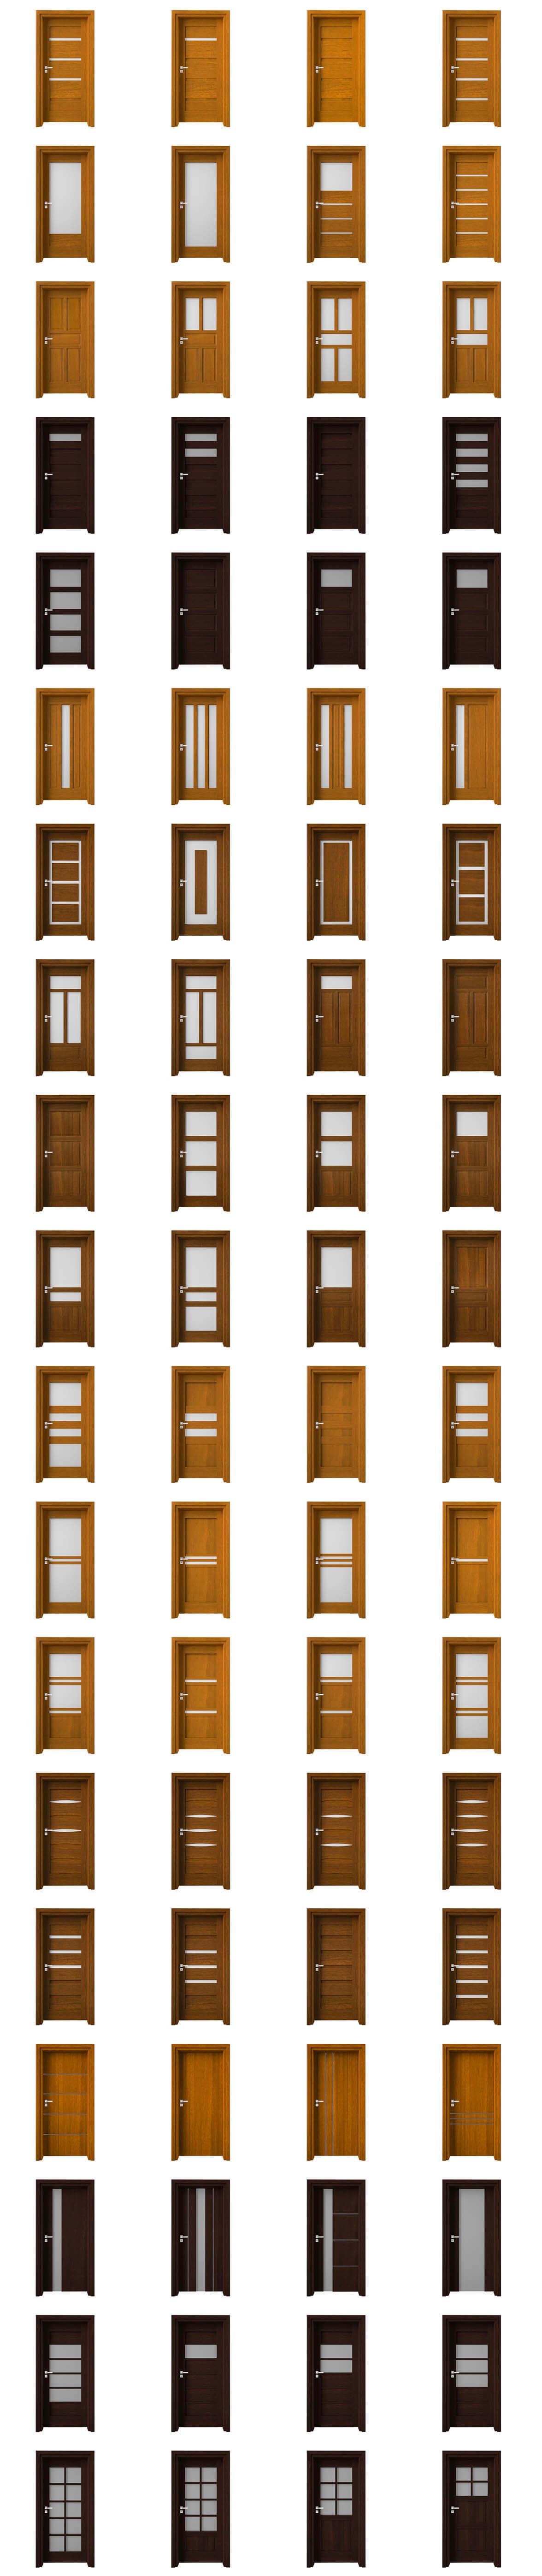 drzwi-1176